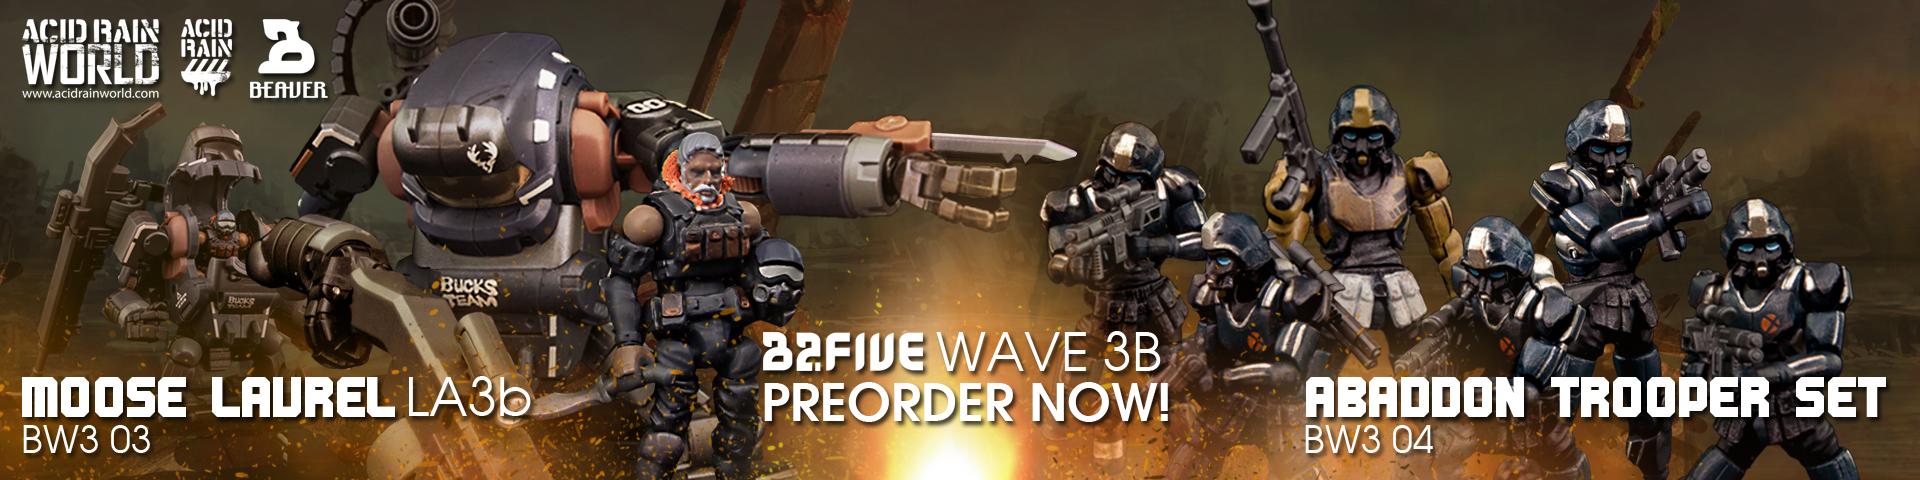 wave3Bbanner219